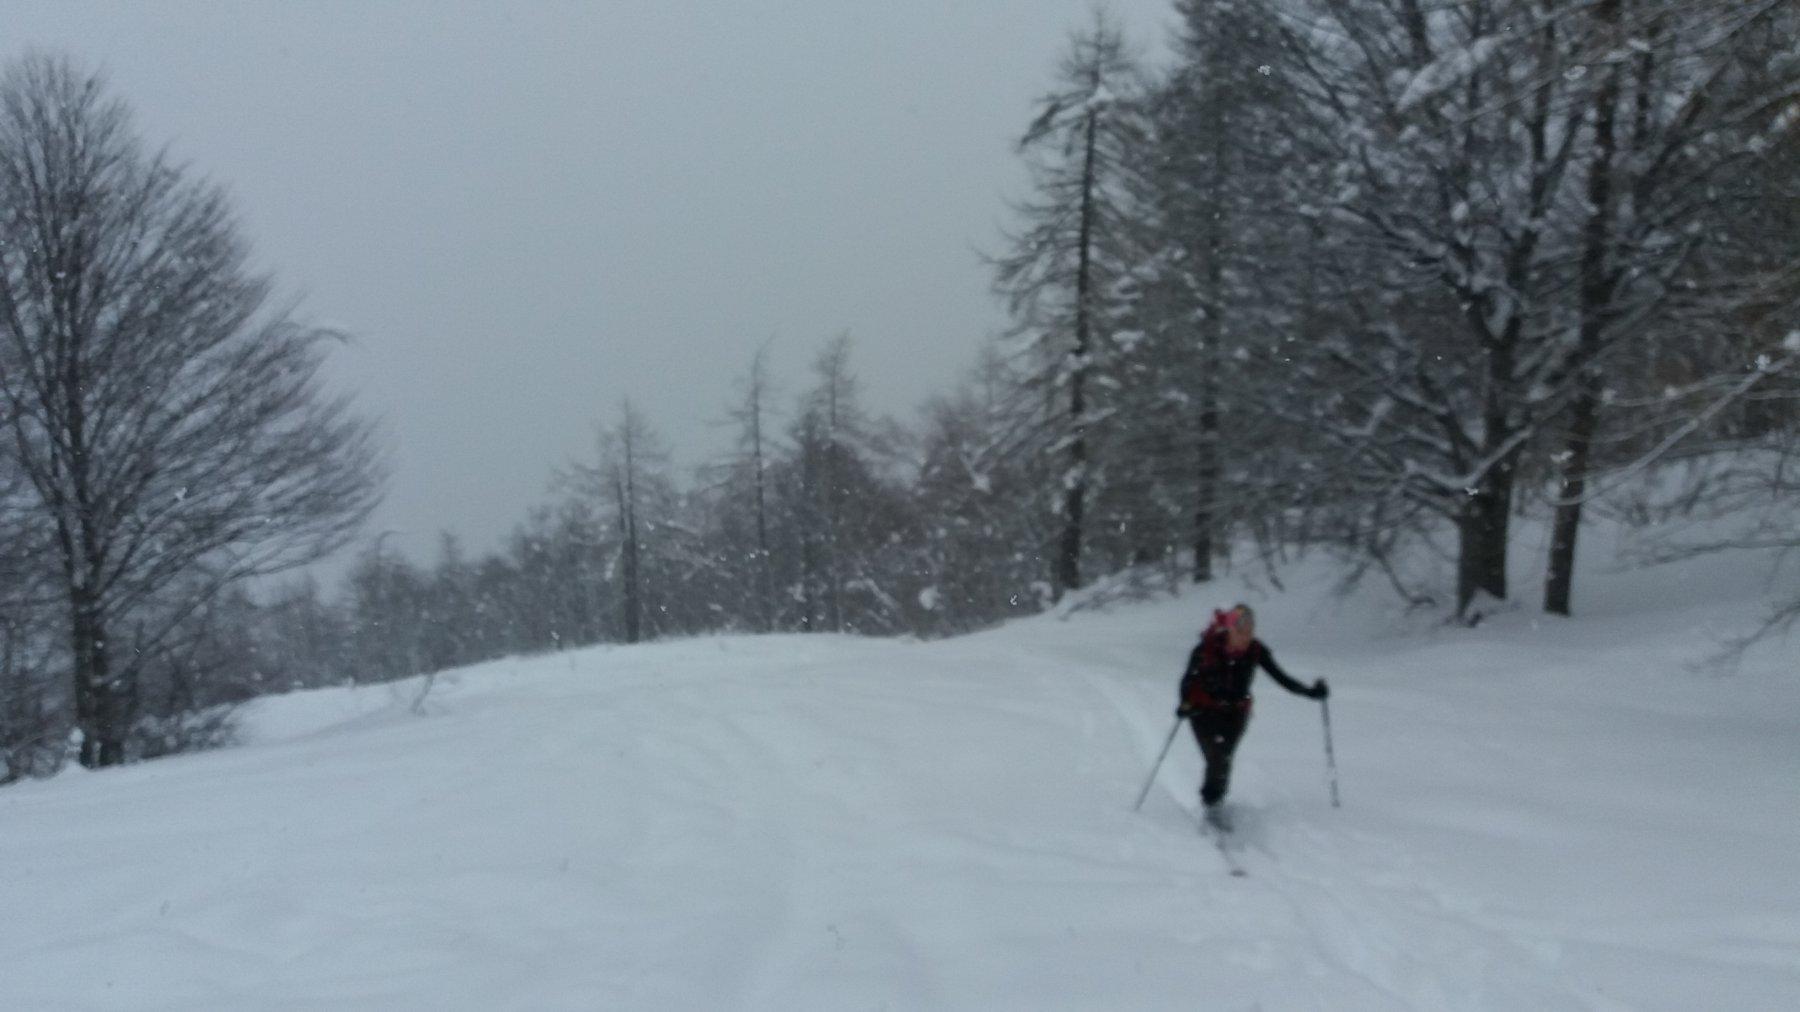 Saliti sotto una fitta nevicata